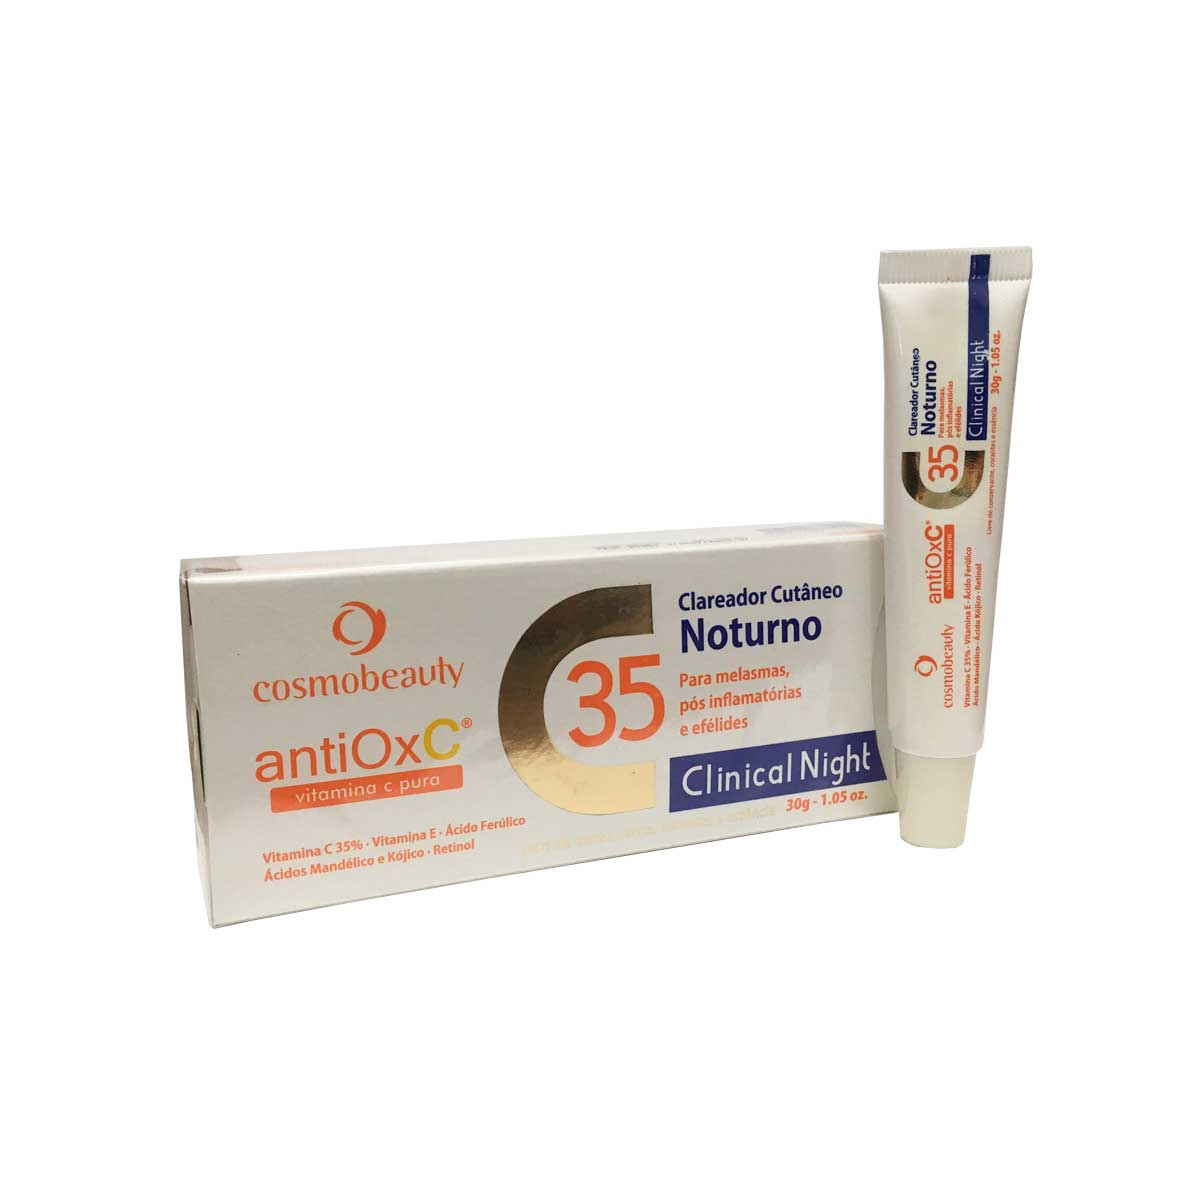 Clareador Noturno Cutâneo 30% Vitamina C - AntiOx C - 30g